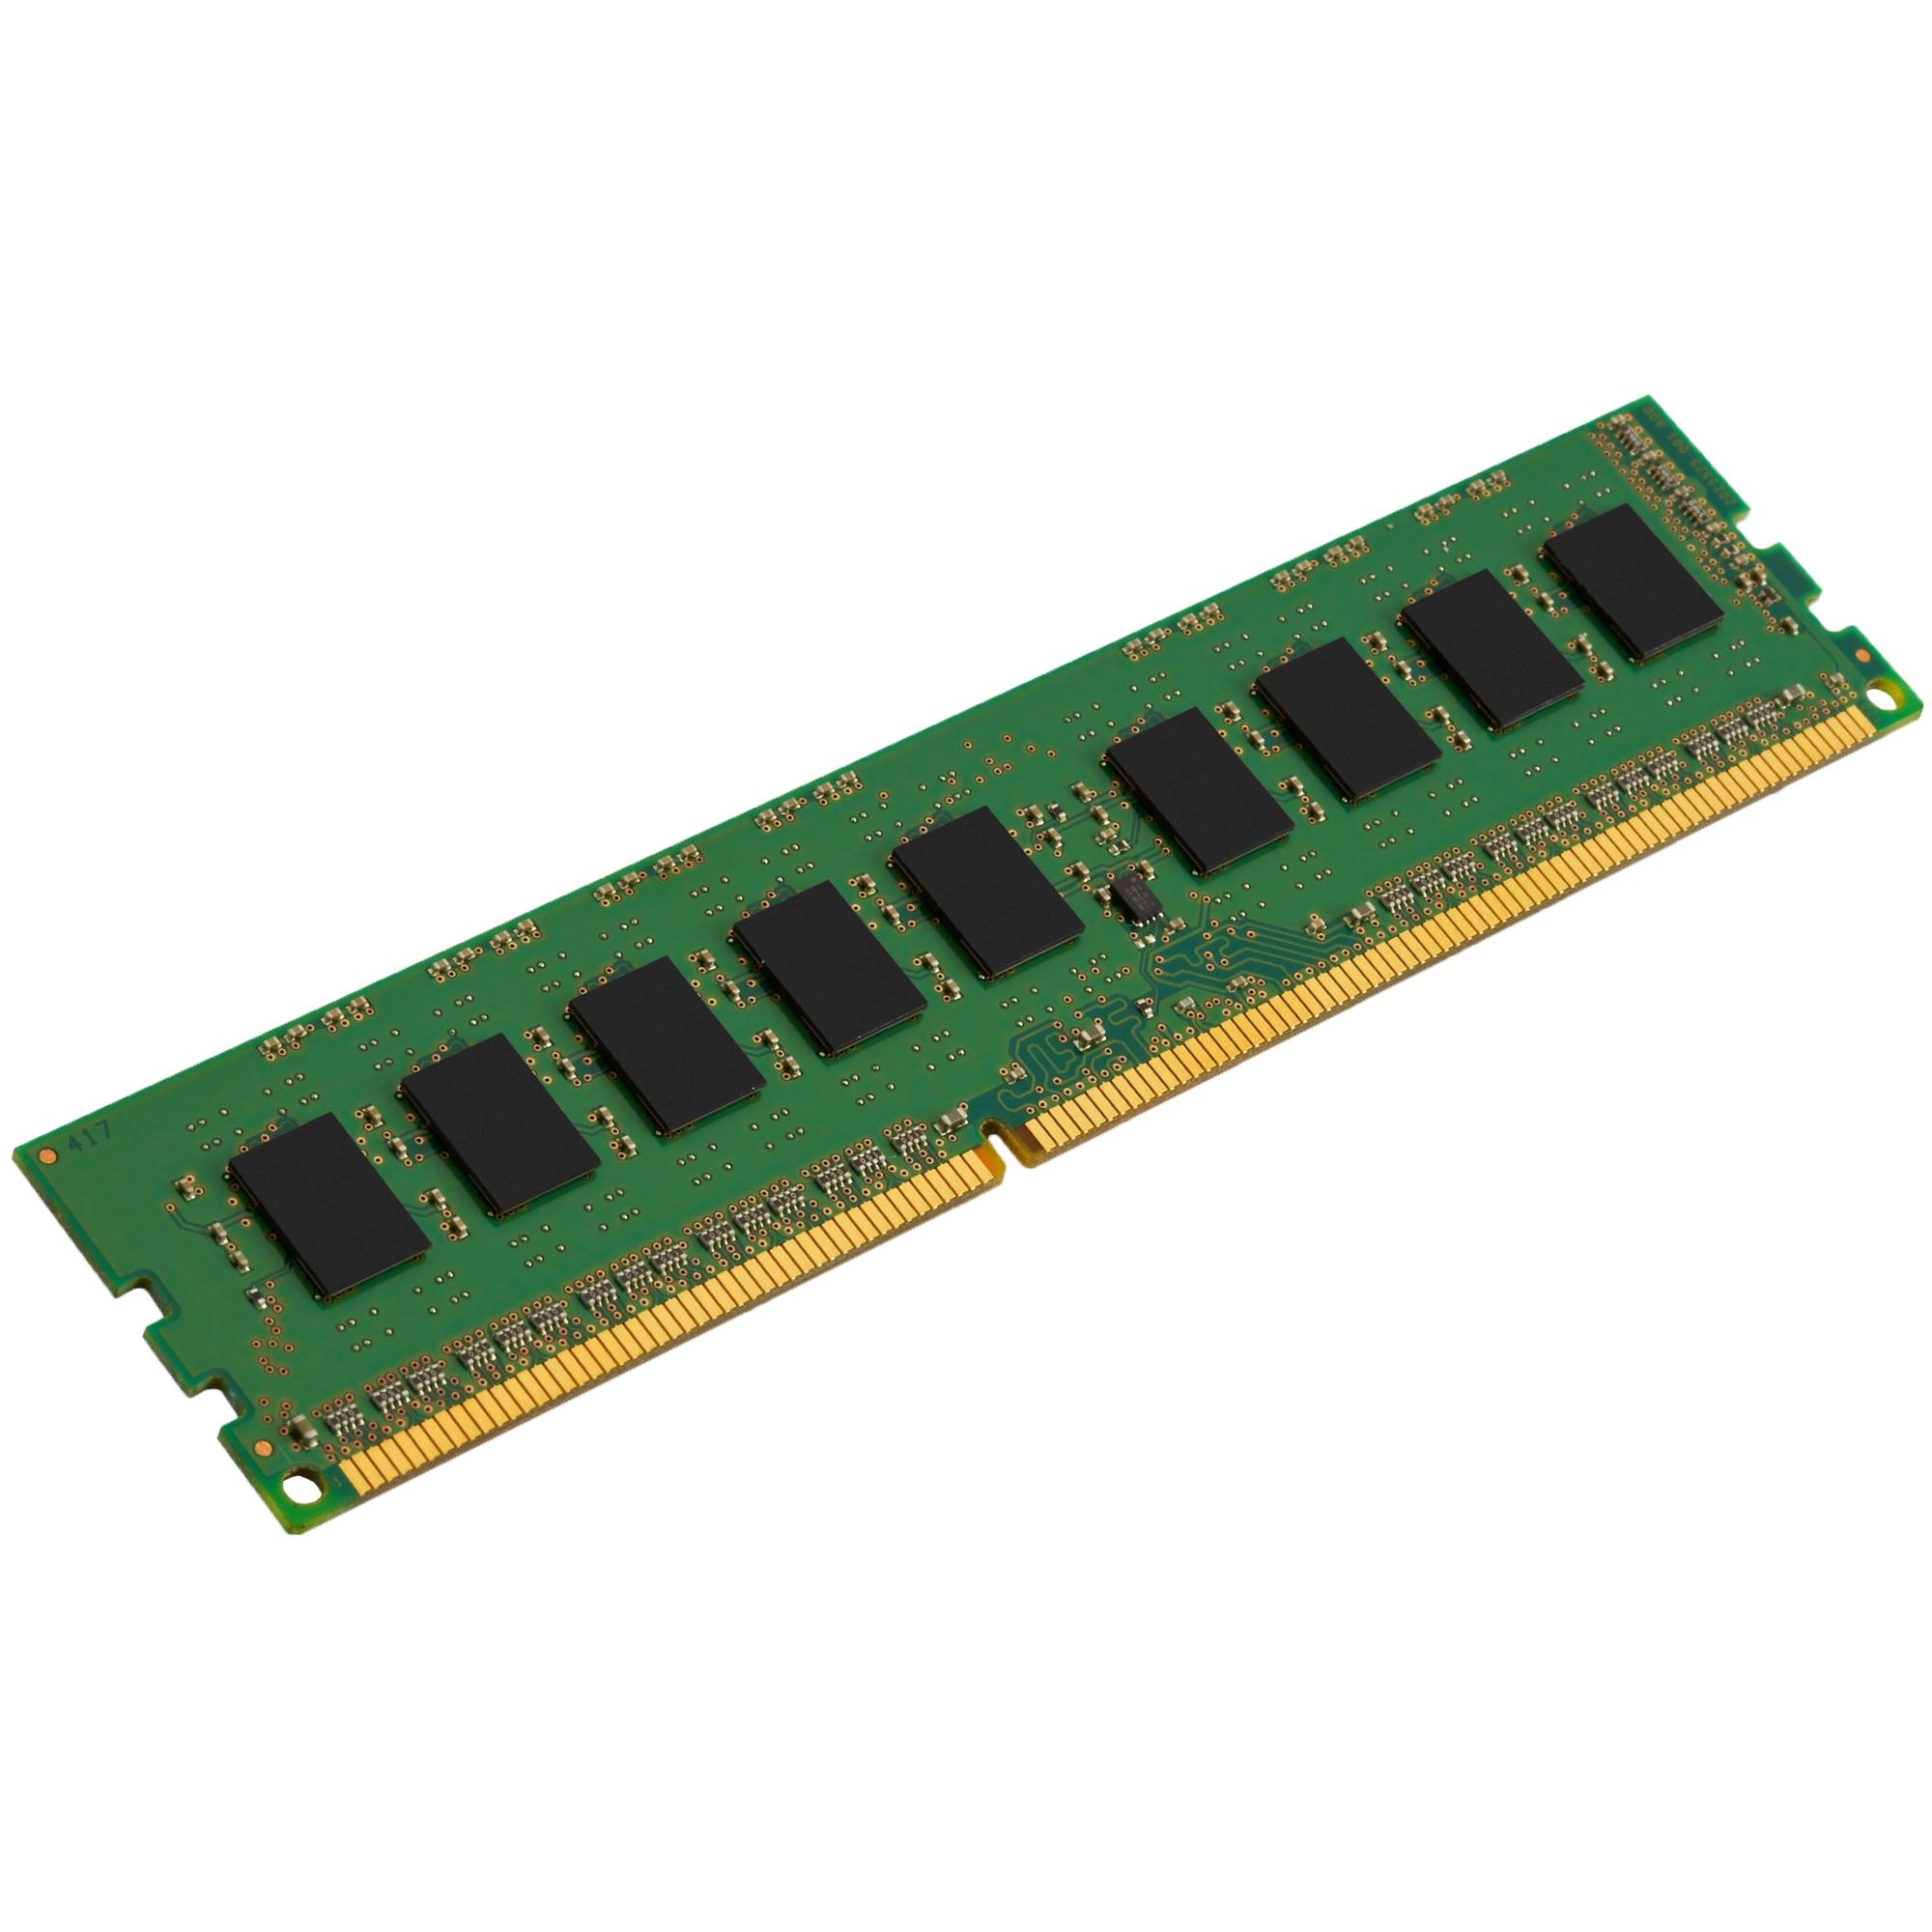 Fotografie Memorie Kingston 2GB, DDR3, 1333MHz, Non-ECC, CL9, 1.5V